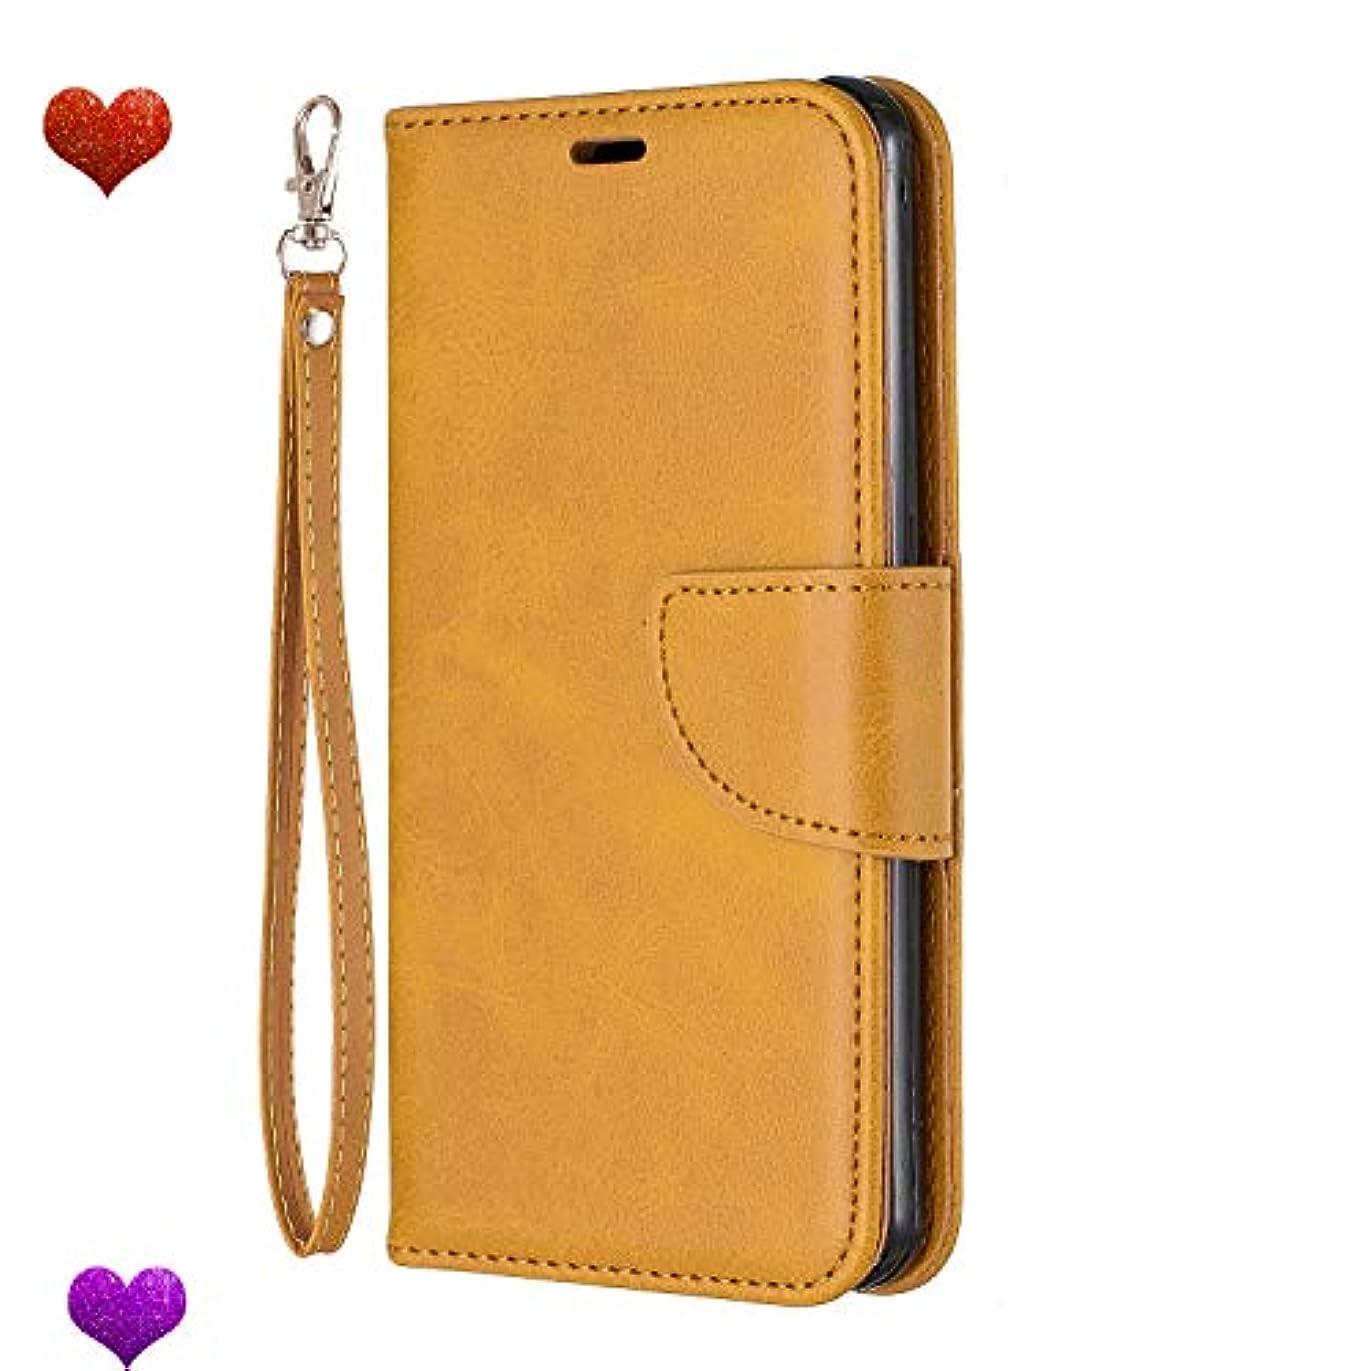 シーサイド天気経済的Samsung Galaxy A3 2017 ケース 手帳型 本革 レザー カバー 財布型 スタンド機能 カードポケット 耐摩擦 耐汚れ 全面保護 人気 アイフォン